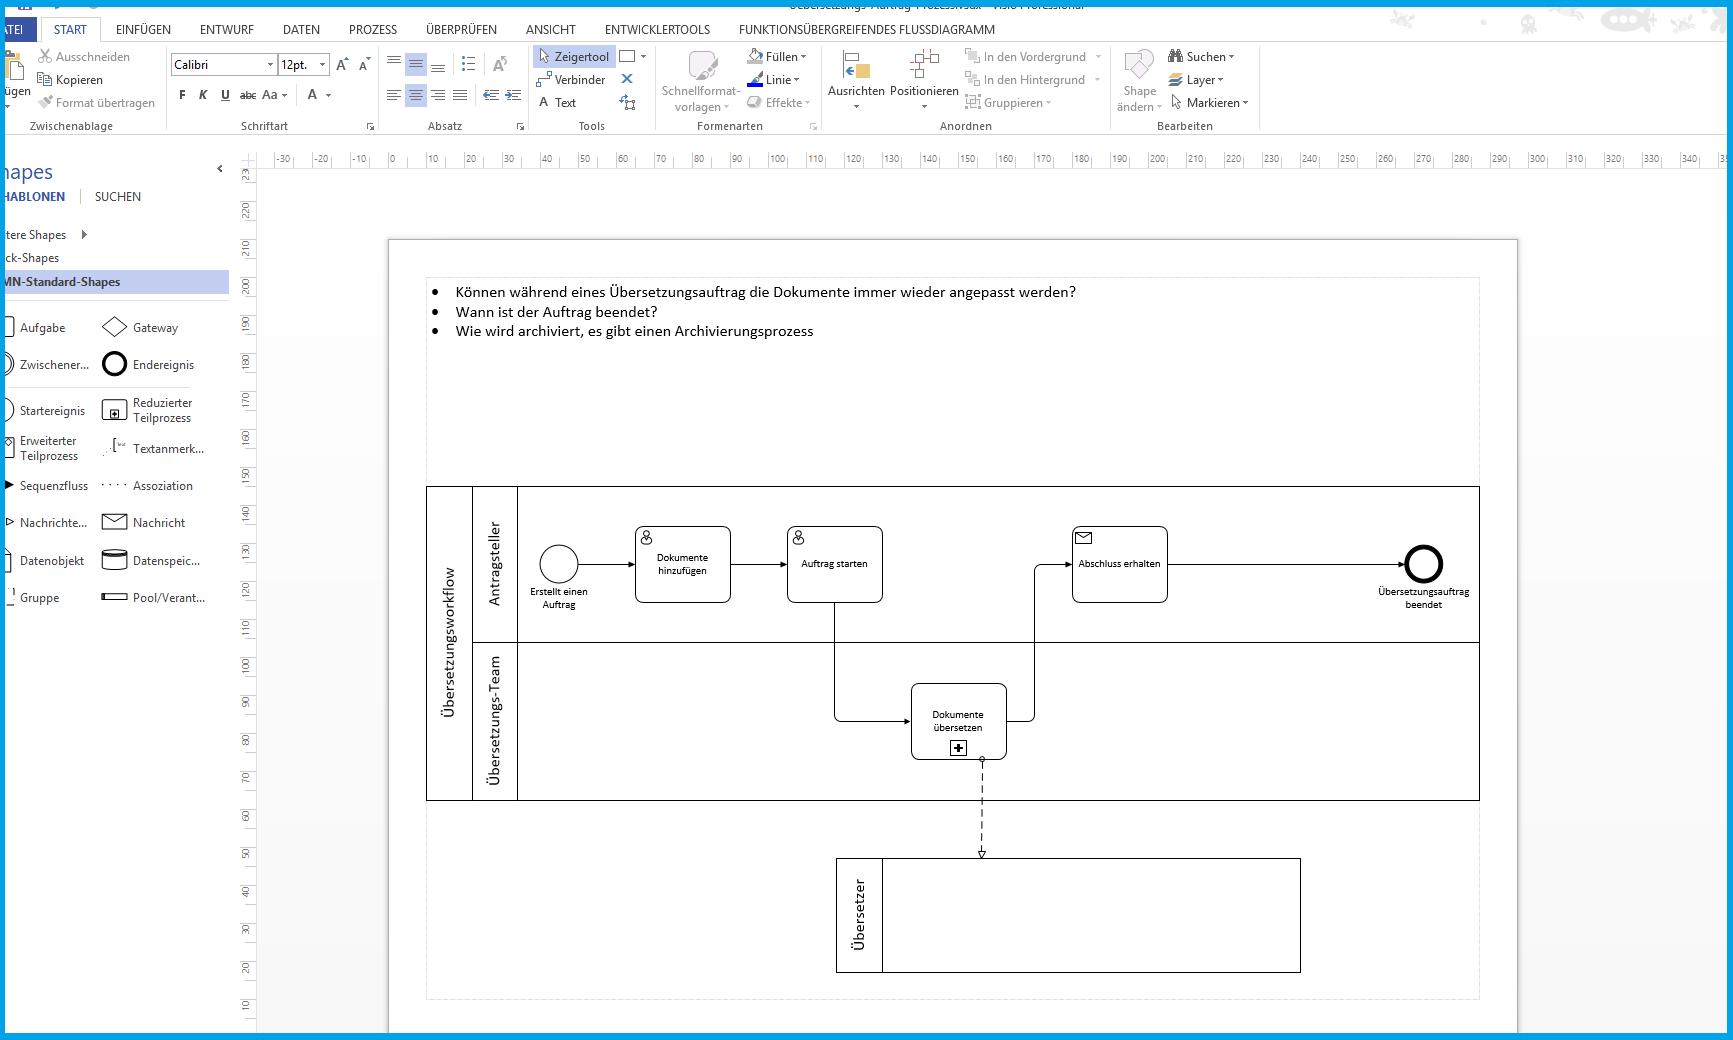 Bilder der Website Wittwer Informatik. Webseiten ausschnitt und PHP / HTML Code in Visula Studio Code